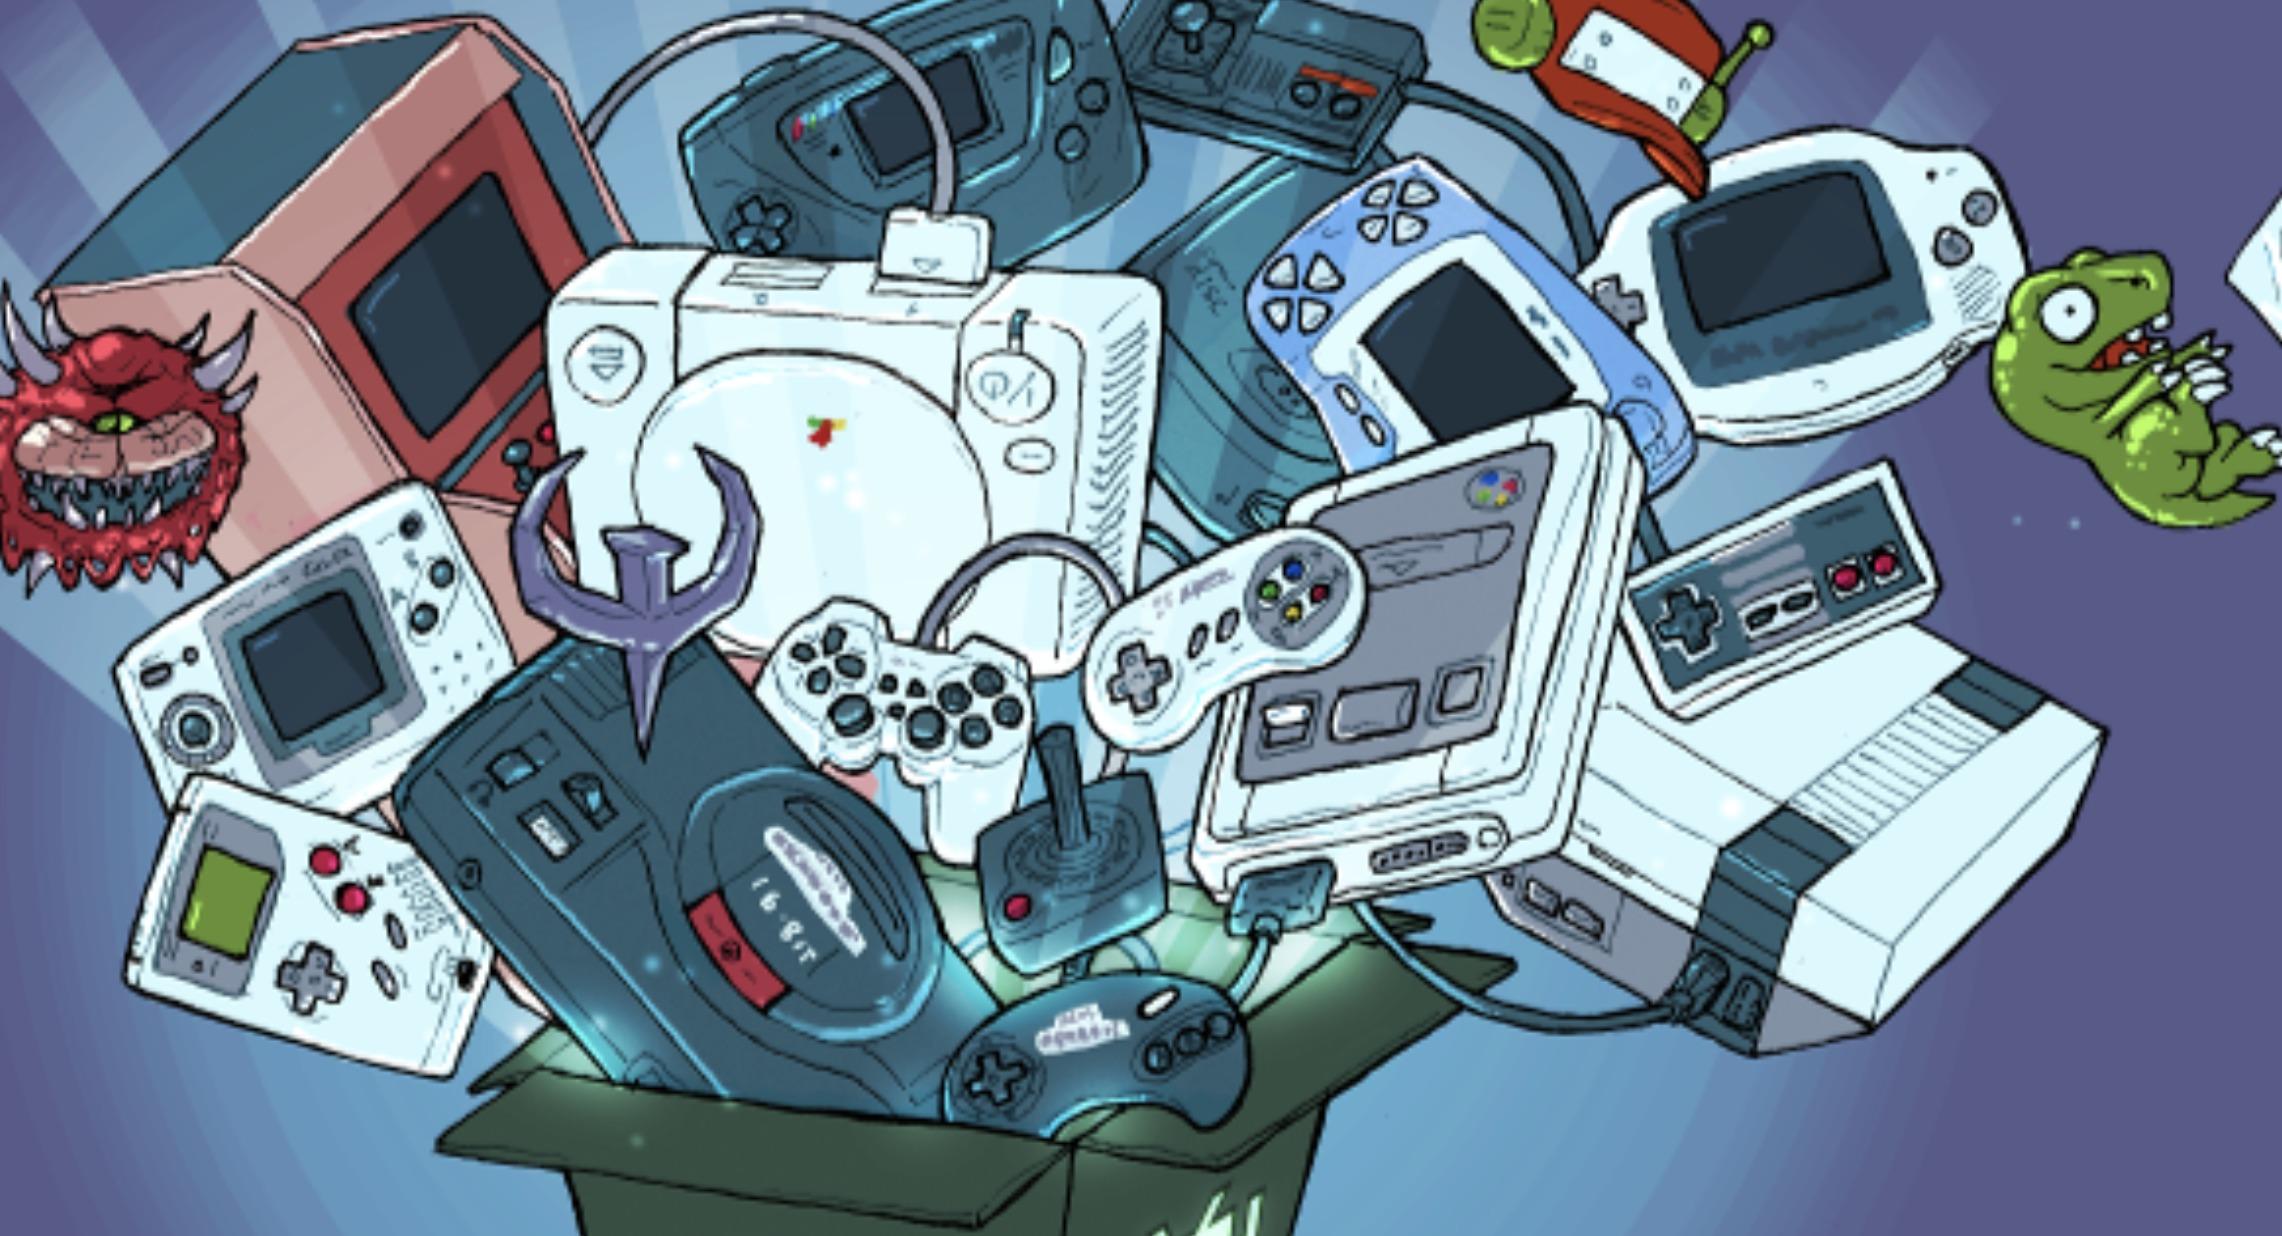 Snart kan du emulere spill på både PS4 og Xbox One.